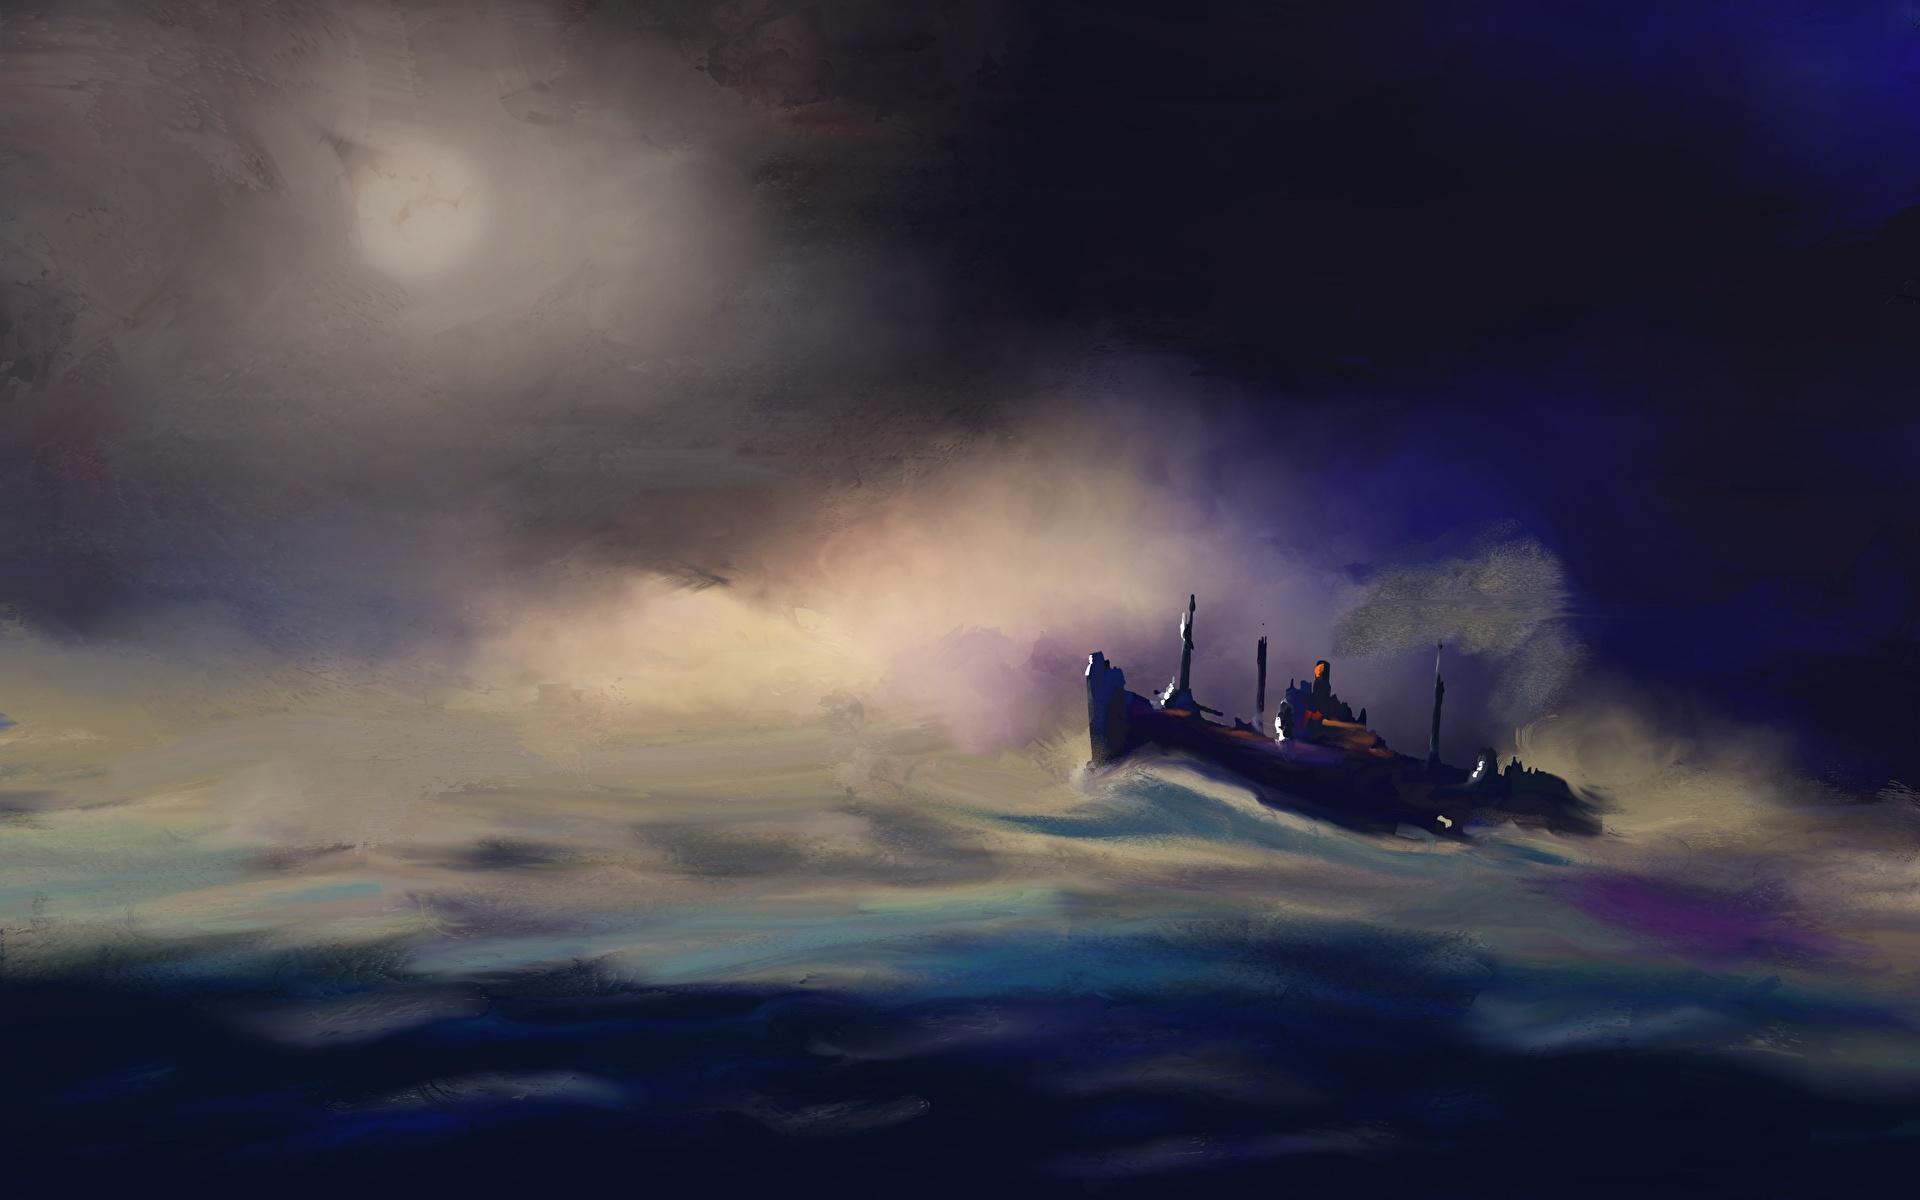 壁紙 19x10 船 描かれた壁紙 ダウンロード 写真